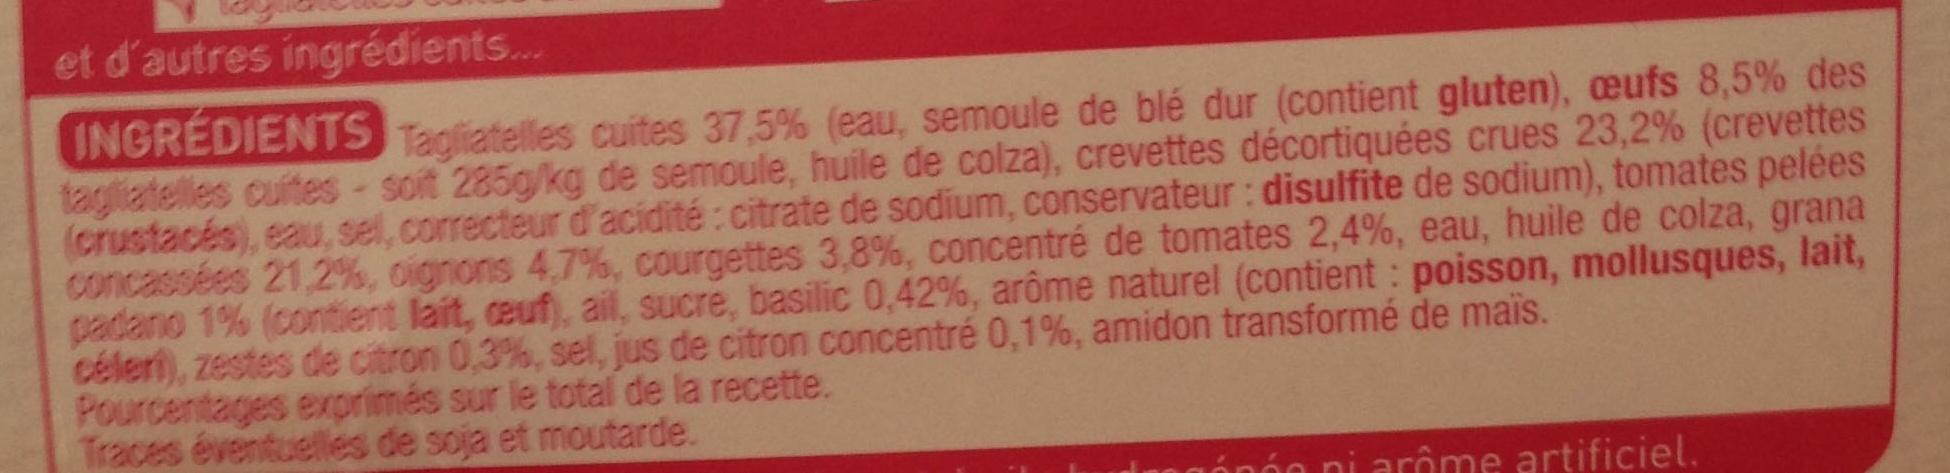 Crevettes aux petits légumes et tagliatelles (2,4 % MG) - Ingrédients - fr